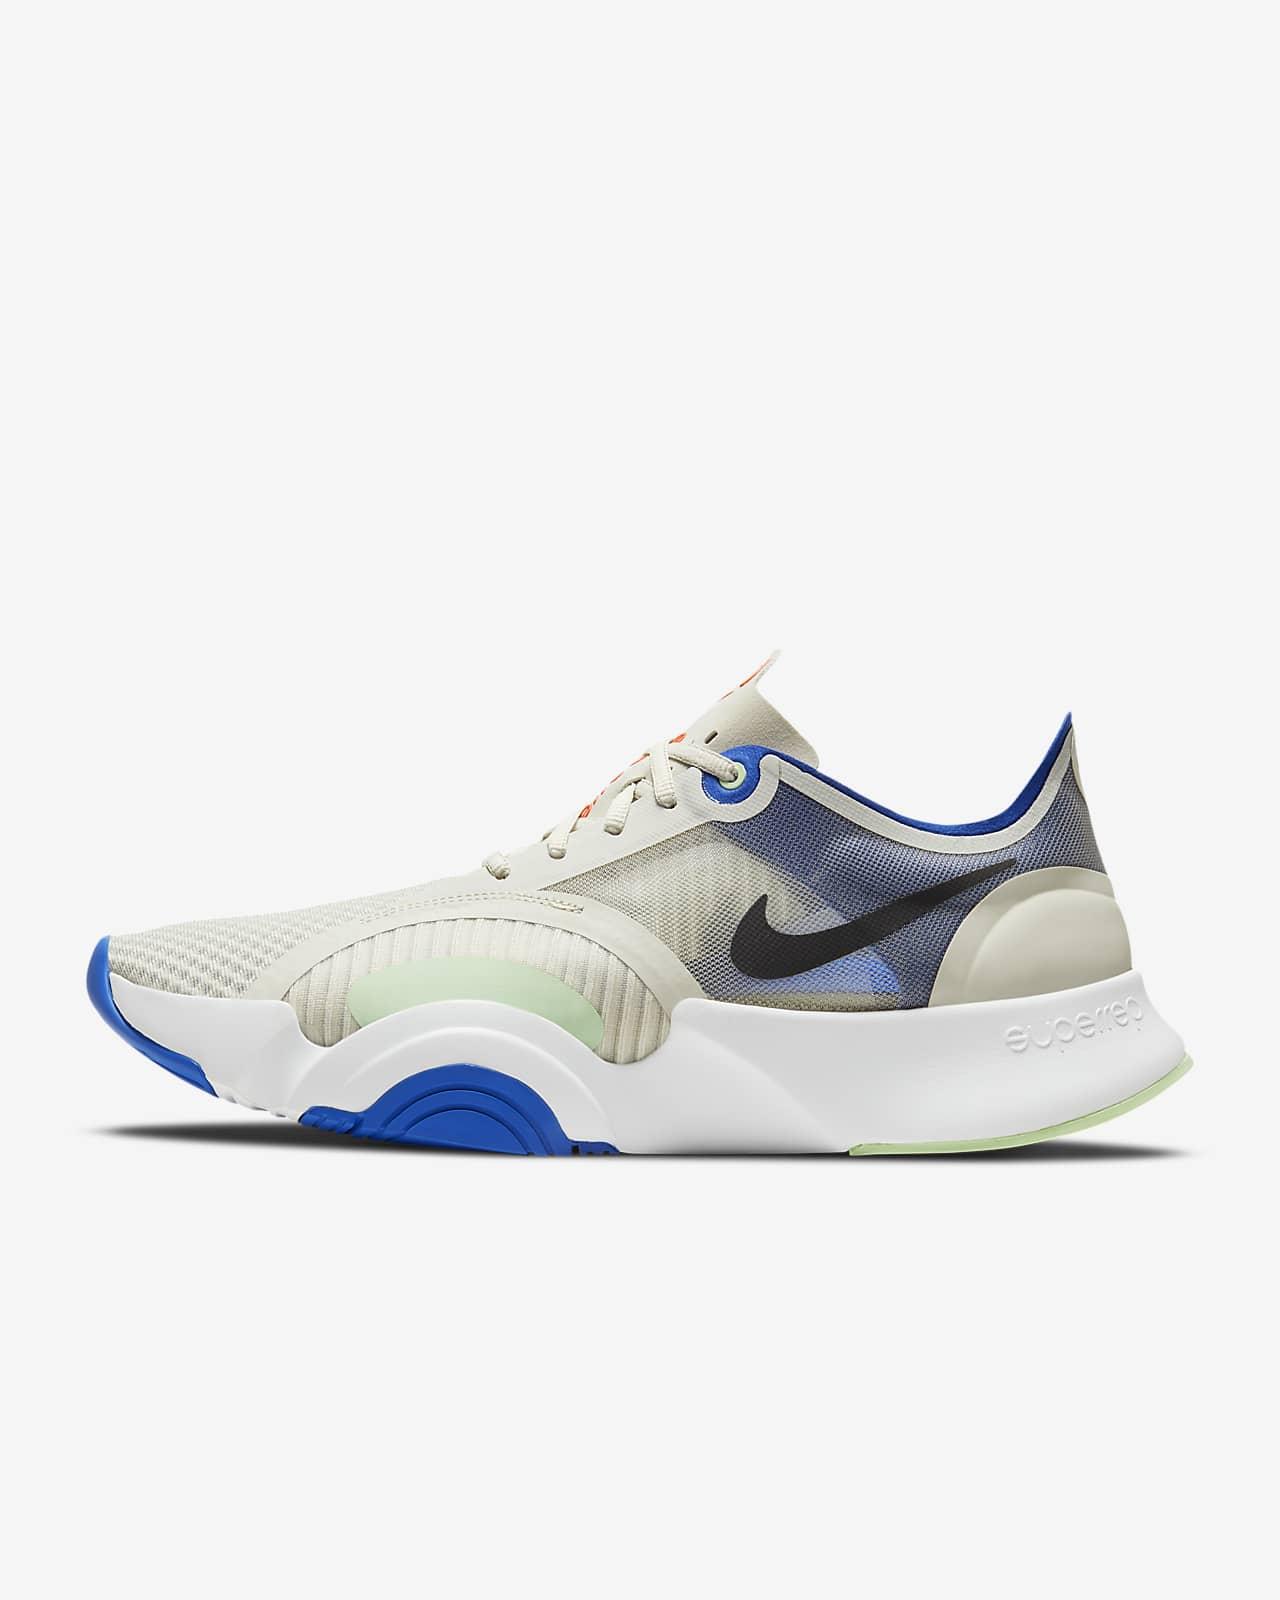 รองเท้าเทรนนิ่งผู้ชาย Nike SuperRep Go